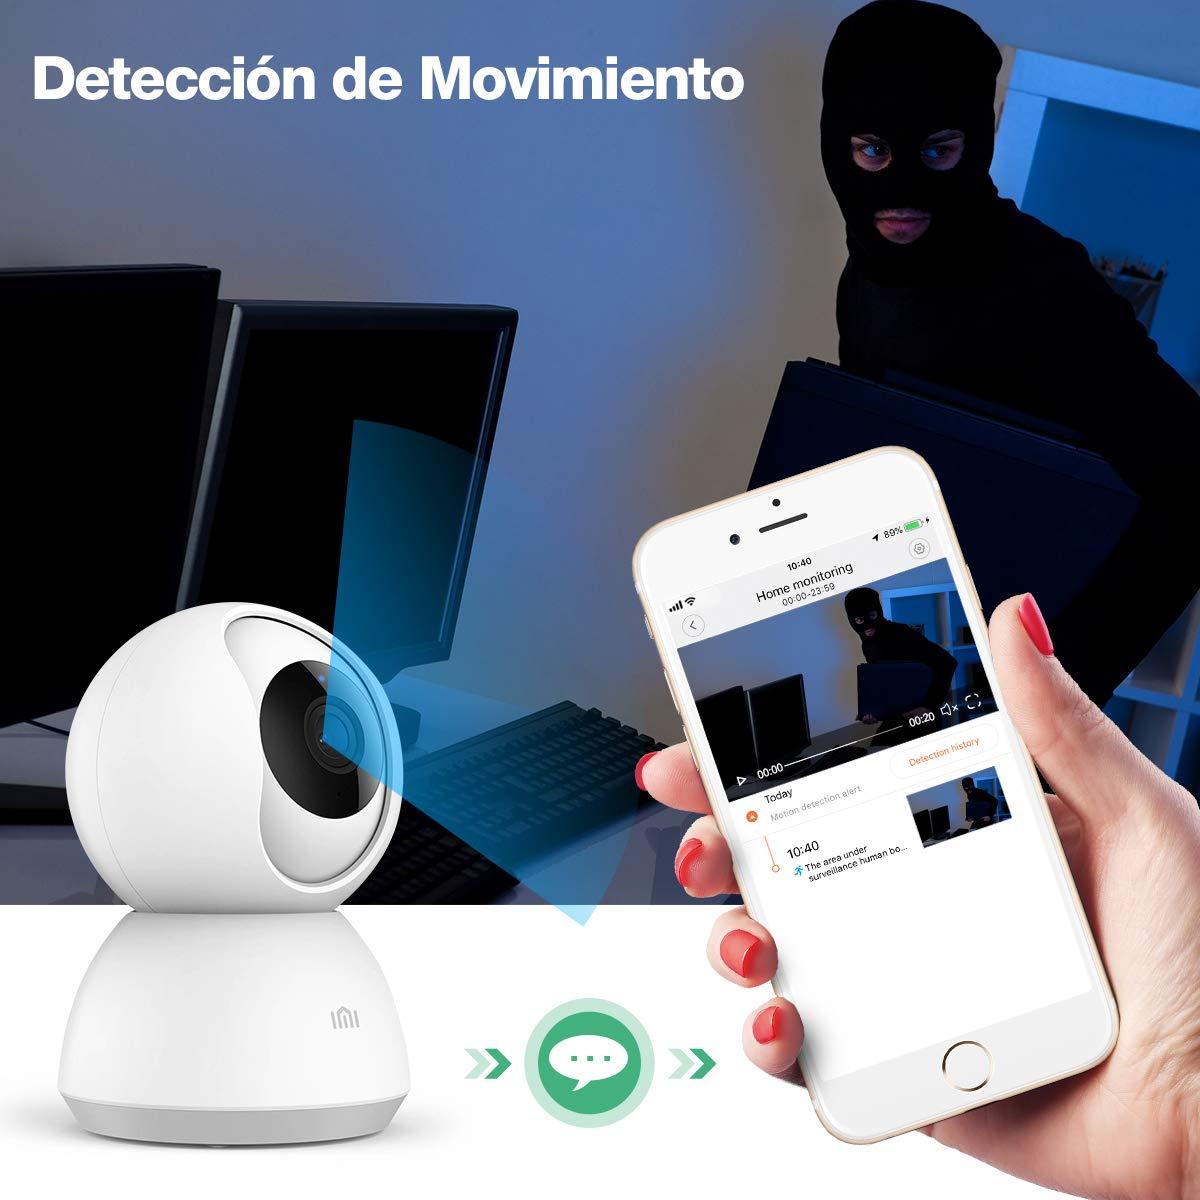 Nuevo IMI C/ámara de Vigilancia WiFi 1080P C/ámara IP Inal/ámbrica Audio Bidireccional Visi/ón Nocturna Detecci/ón de Movimiento Mascota//Beb/é Monitor para iOS//Android IMI